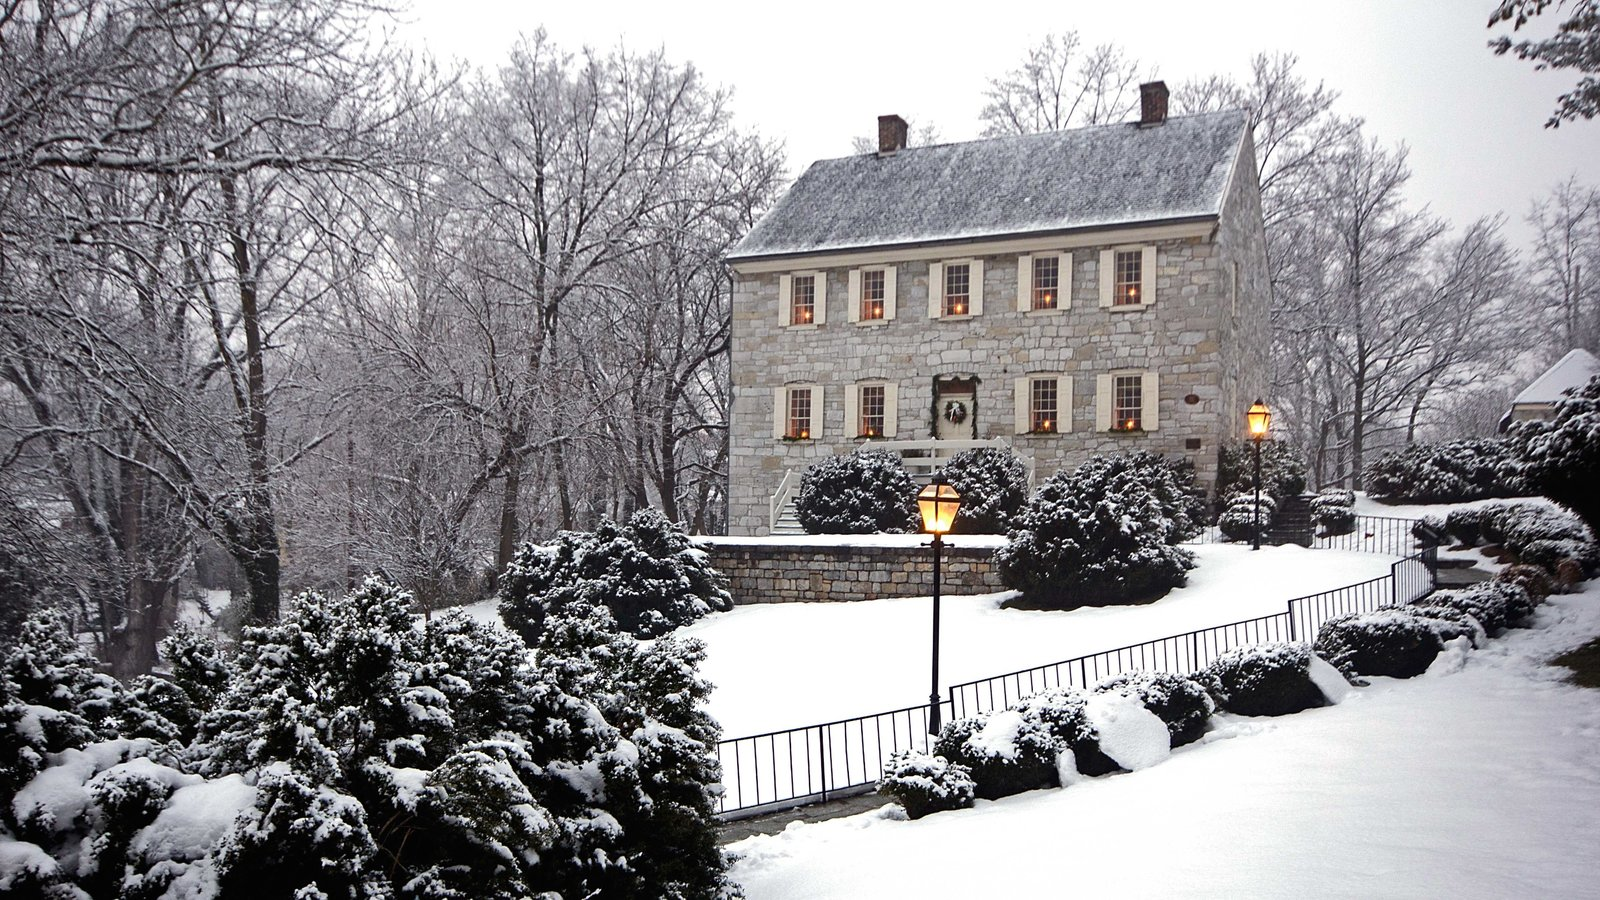 Martinsburg mostrando nieve y una casa